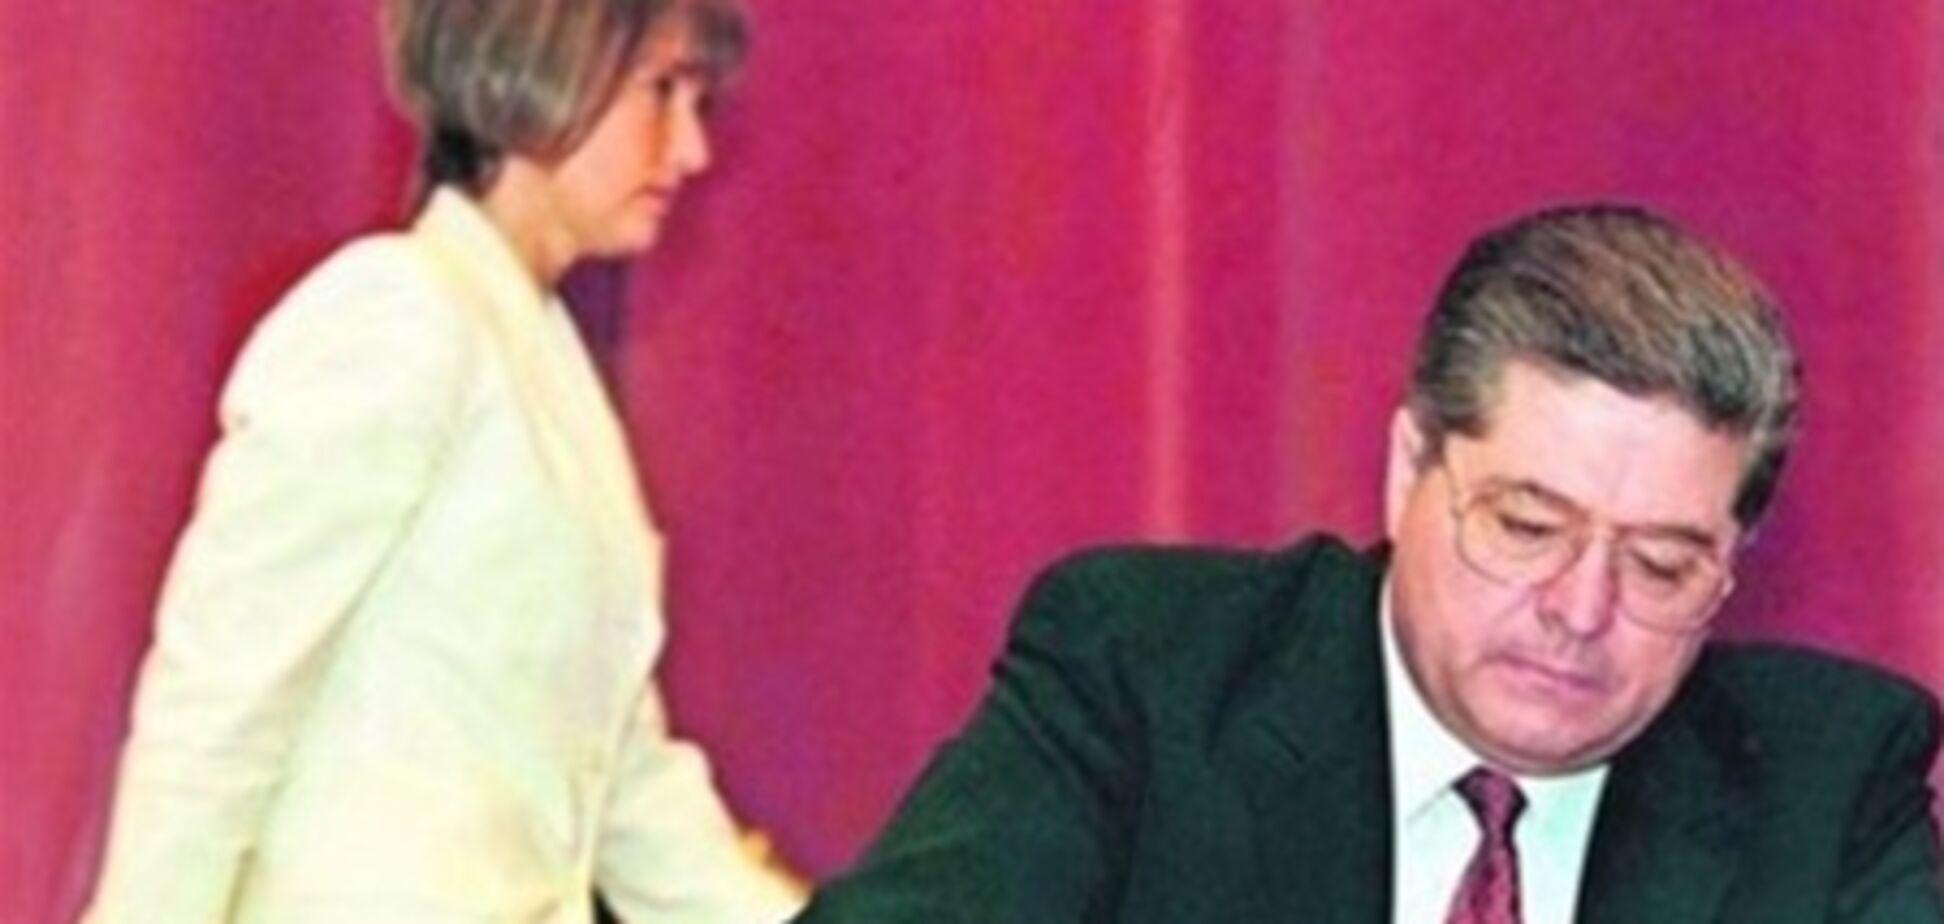 Кириченко: Лазаренко выполнял любое желание Тимошенко